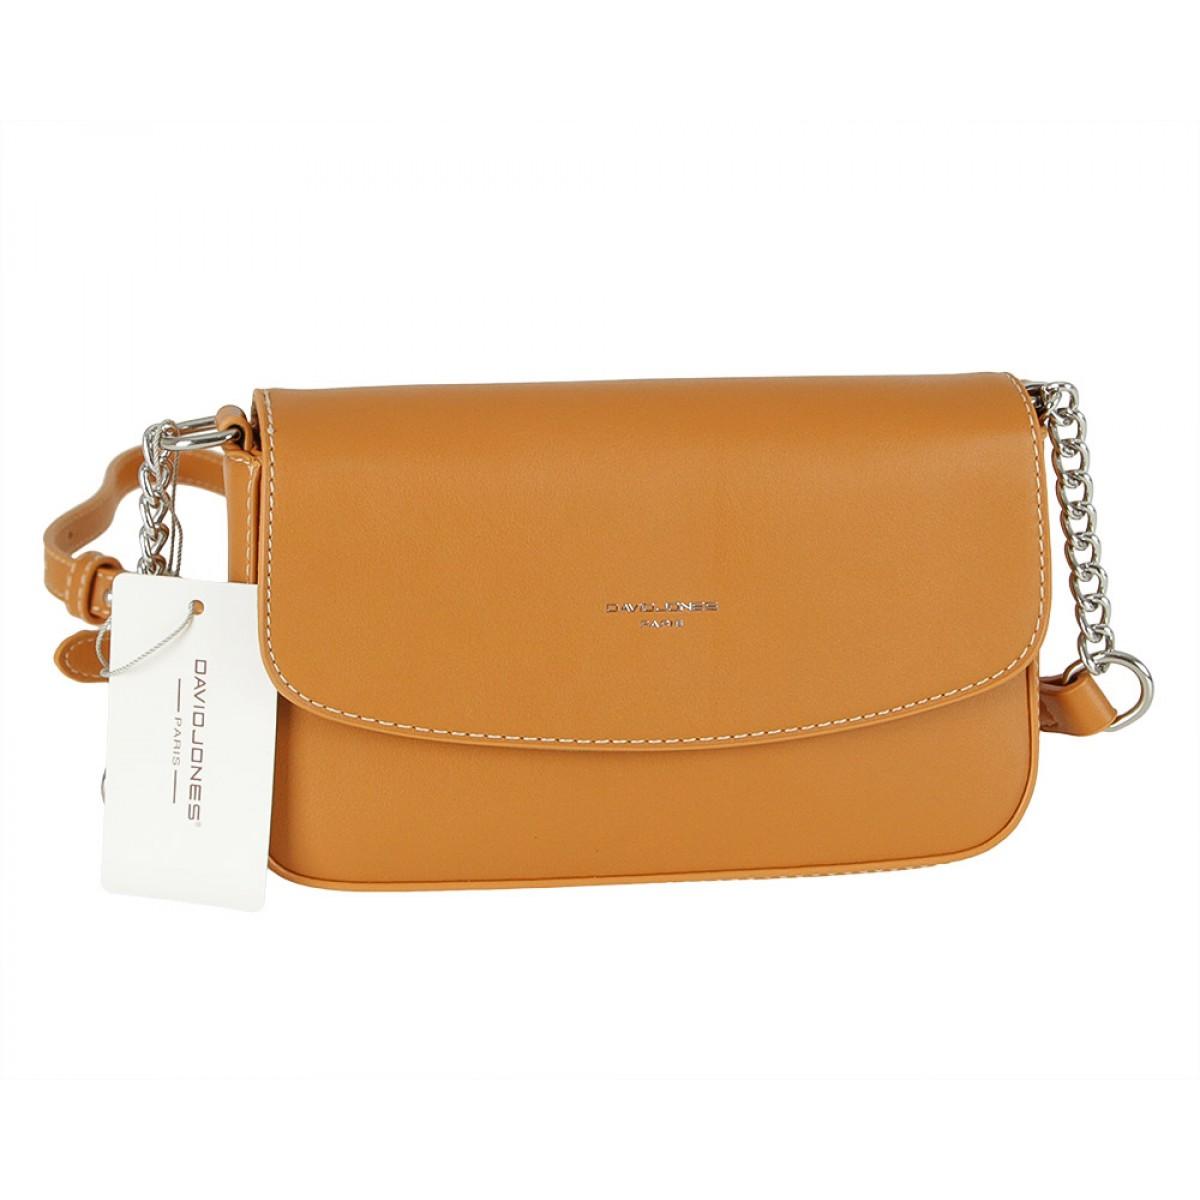 Жіноча сумка David Jones CM5635 COGNAC